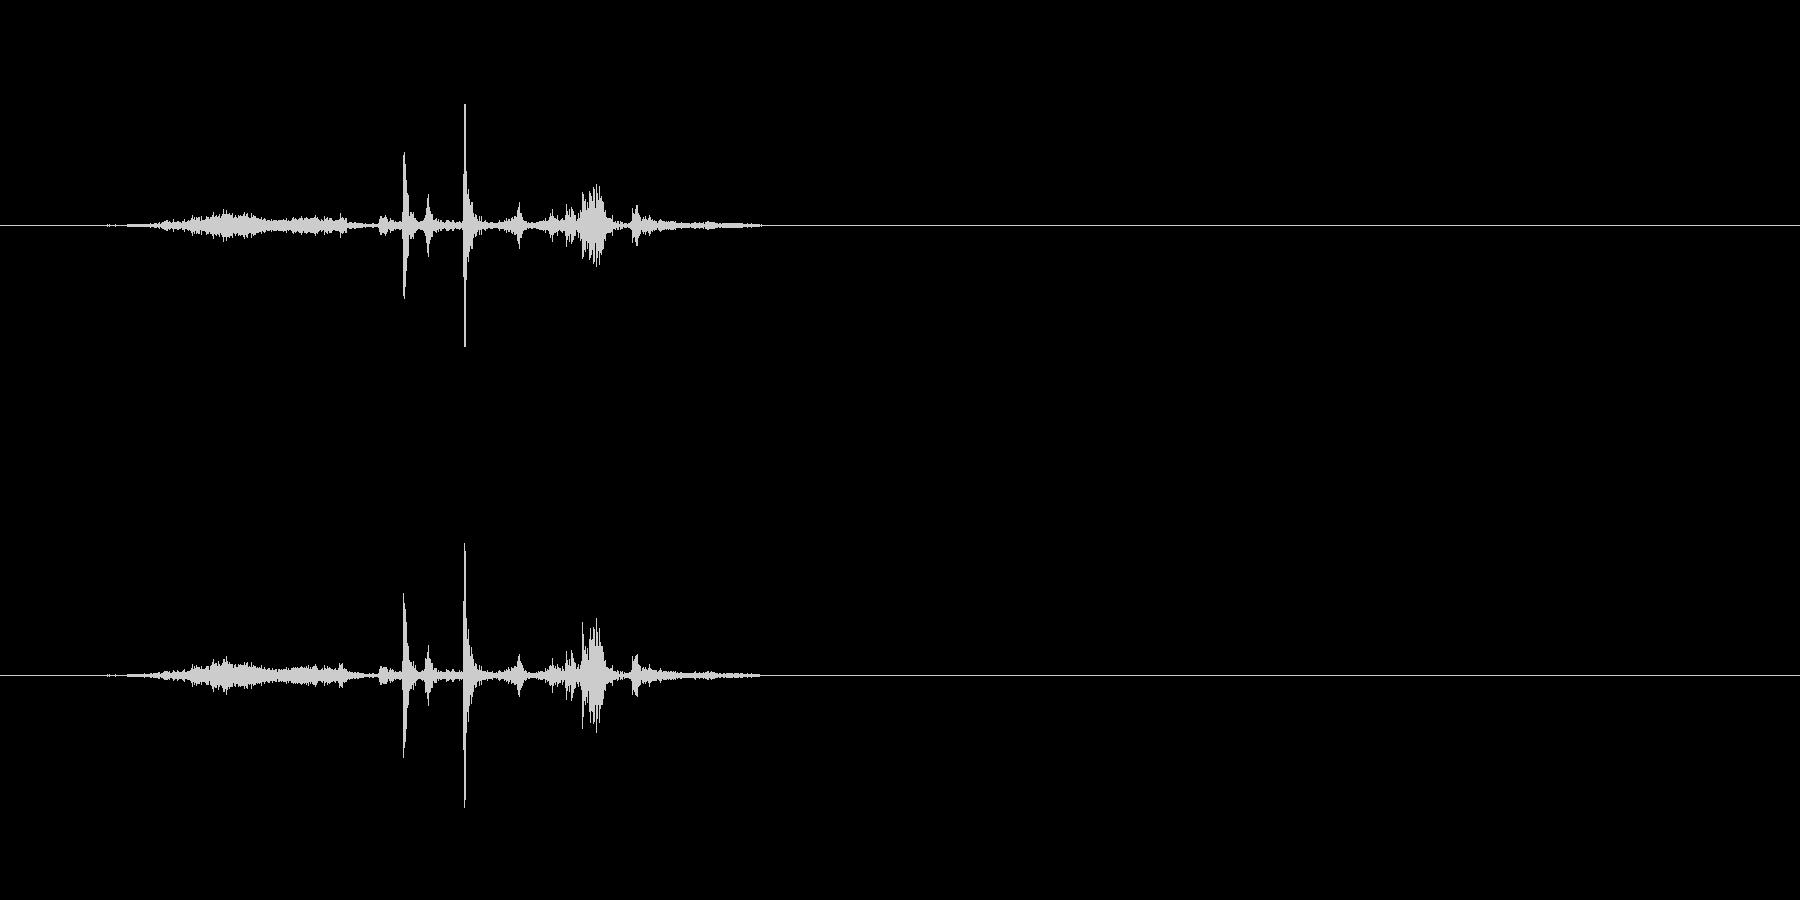 ペラッ (本などのページをめくる01)の未再生の波形